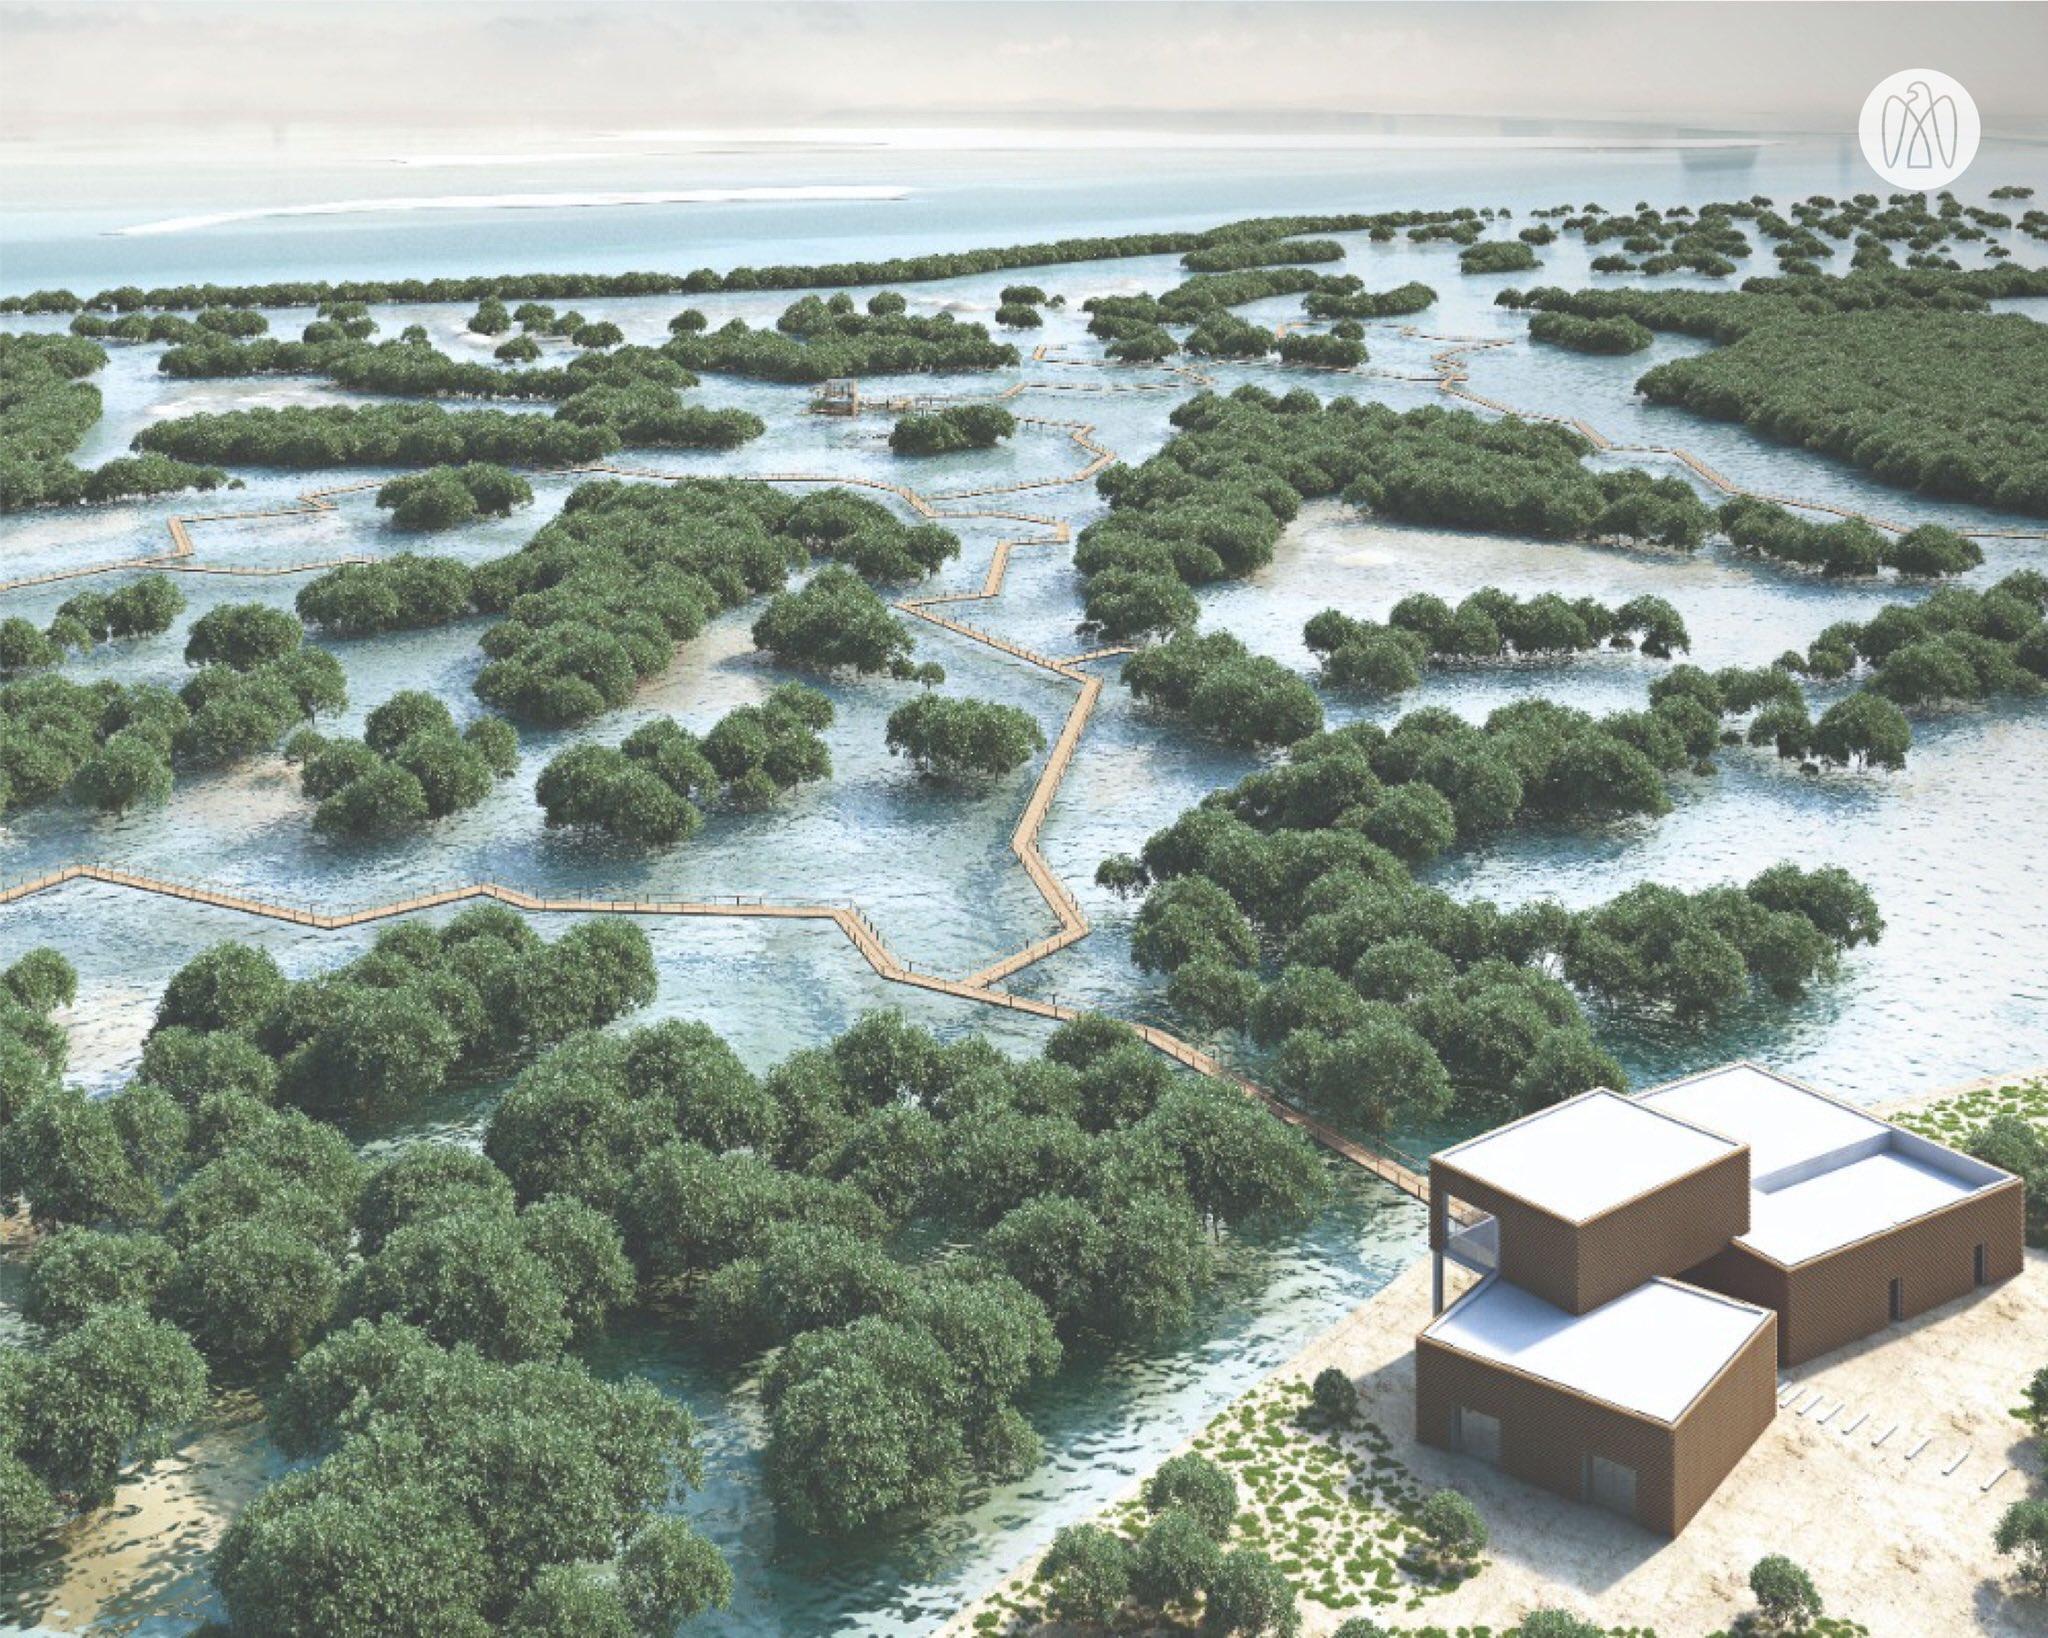 Абу Даби мангровый парк